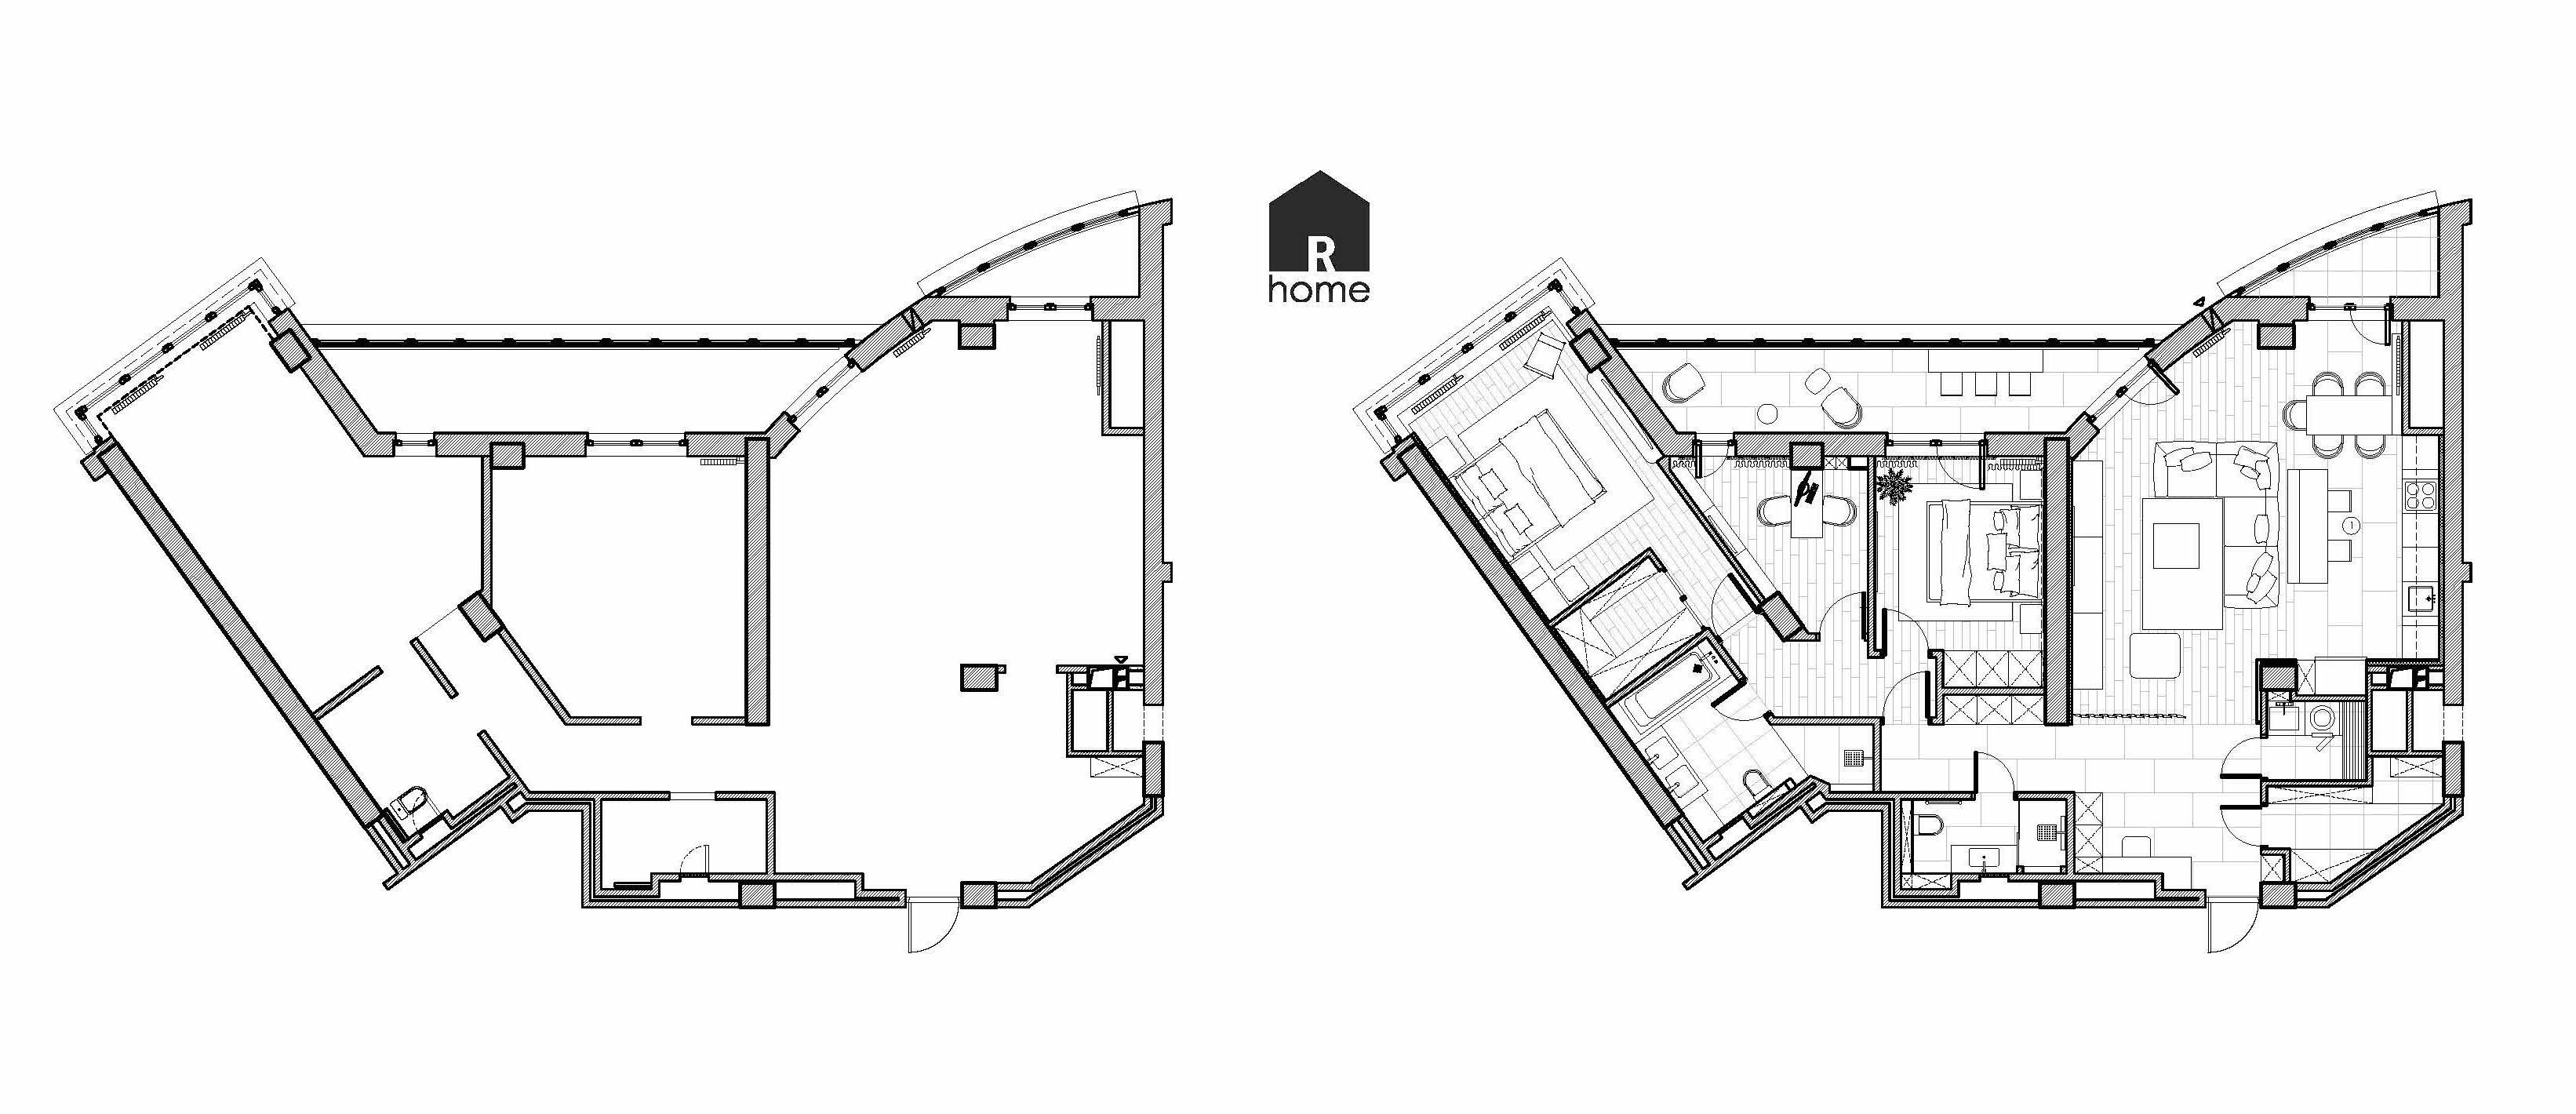 План квартиры до и после разработки дазайн проекта